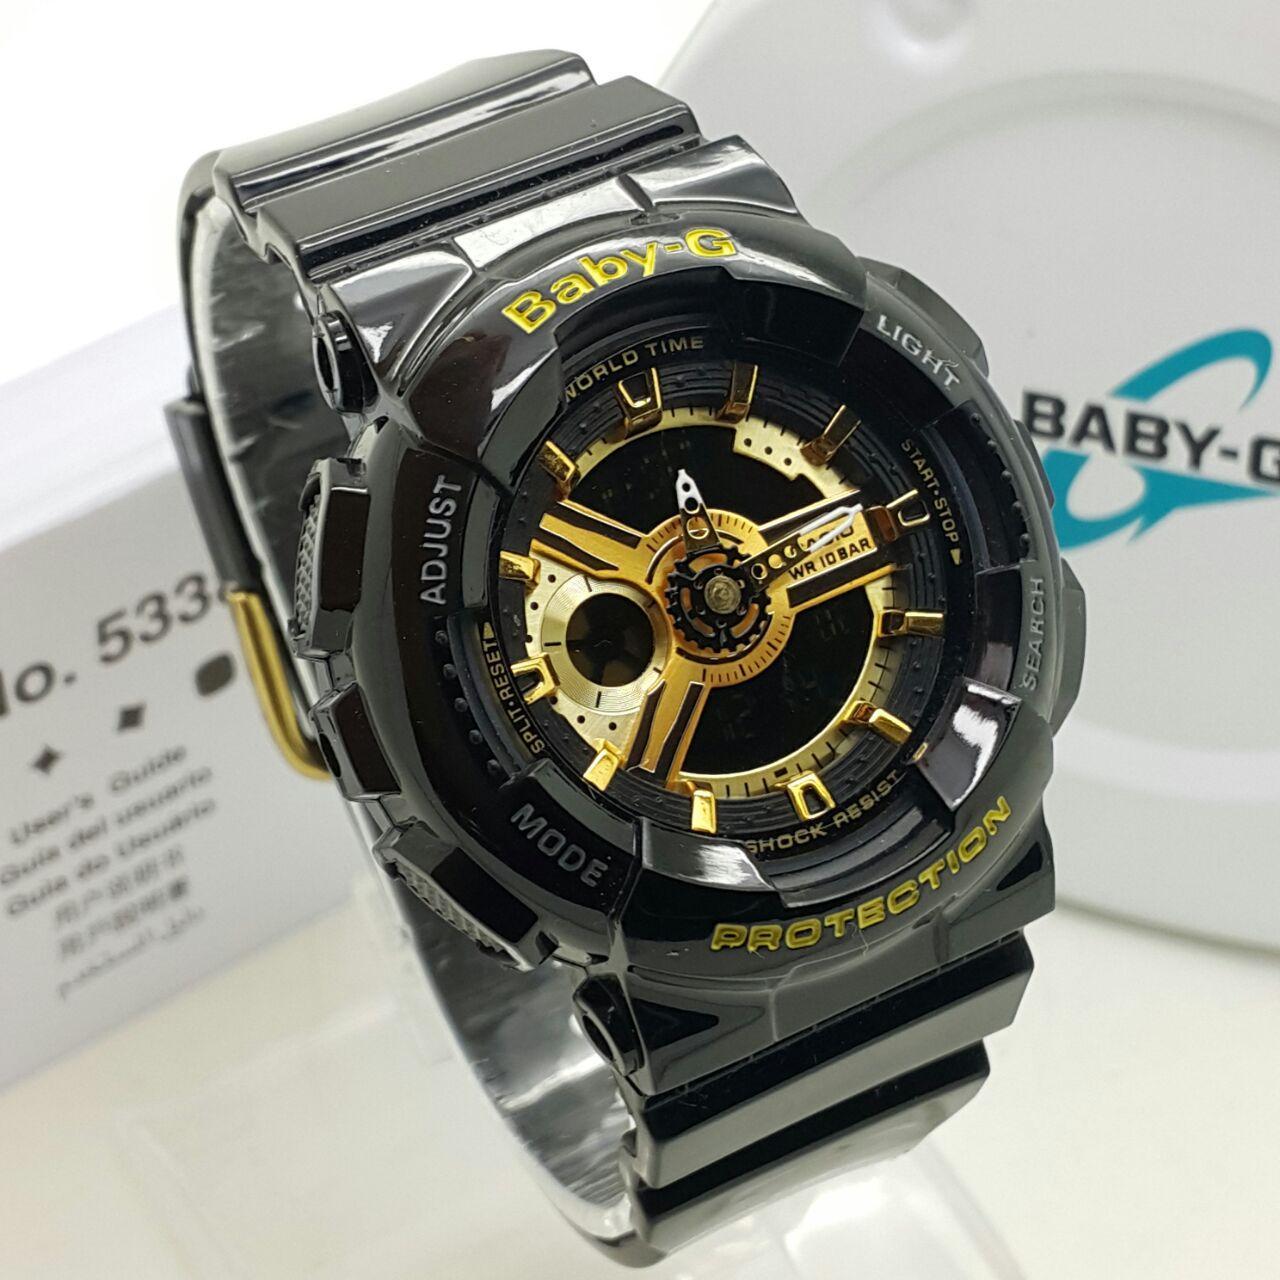 ĐỒNG HỒ BABY G-Shock THỂ THAO CHỐNG NƯỚC GA 110 SIZE NỮ bán chạy